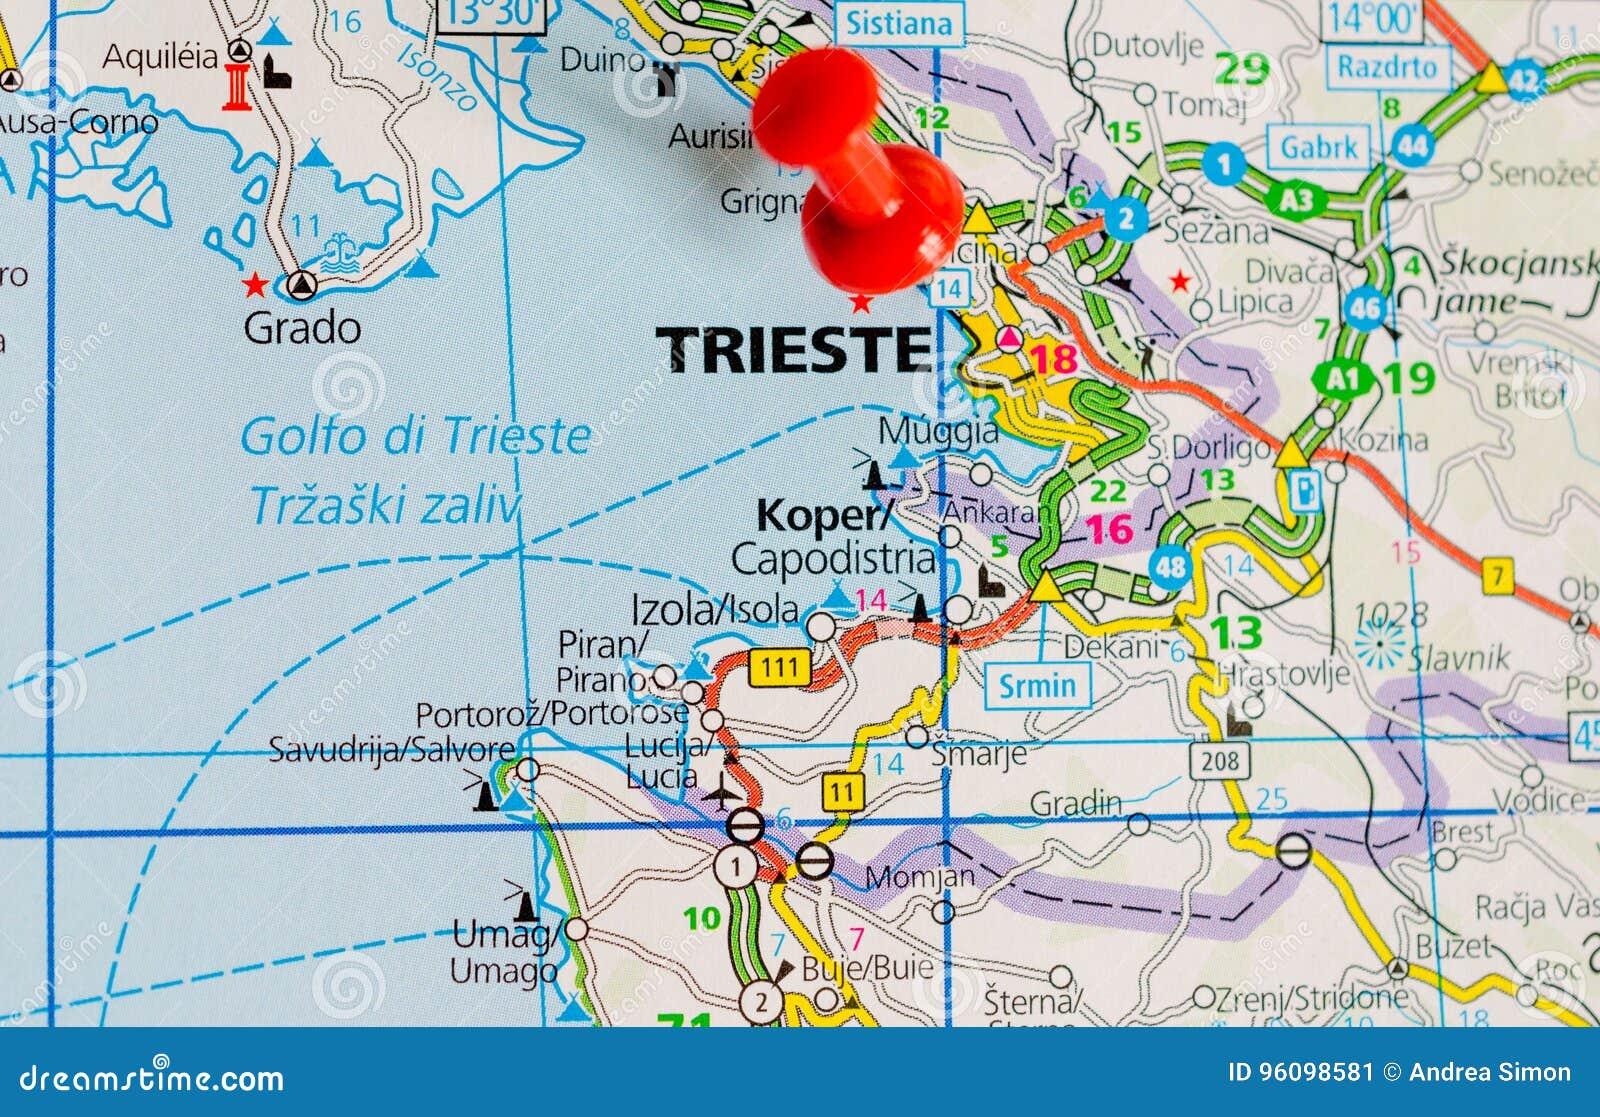 italien karte triest Triest auf Karte stockbild. Bild von karte, triest   96098581